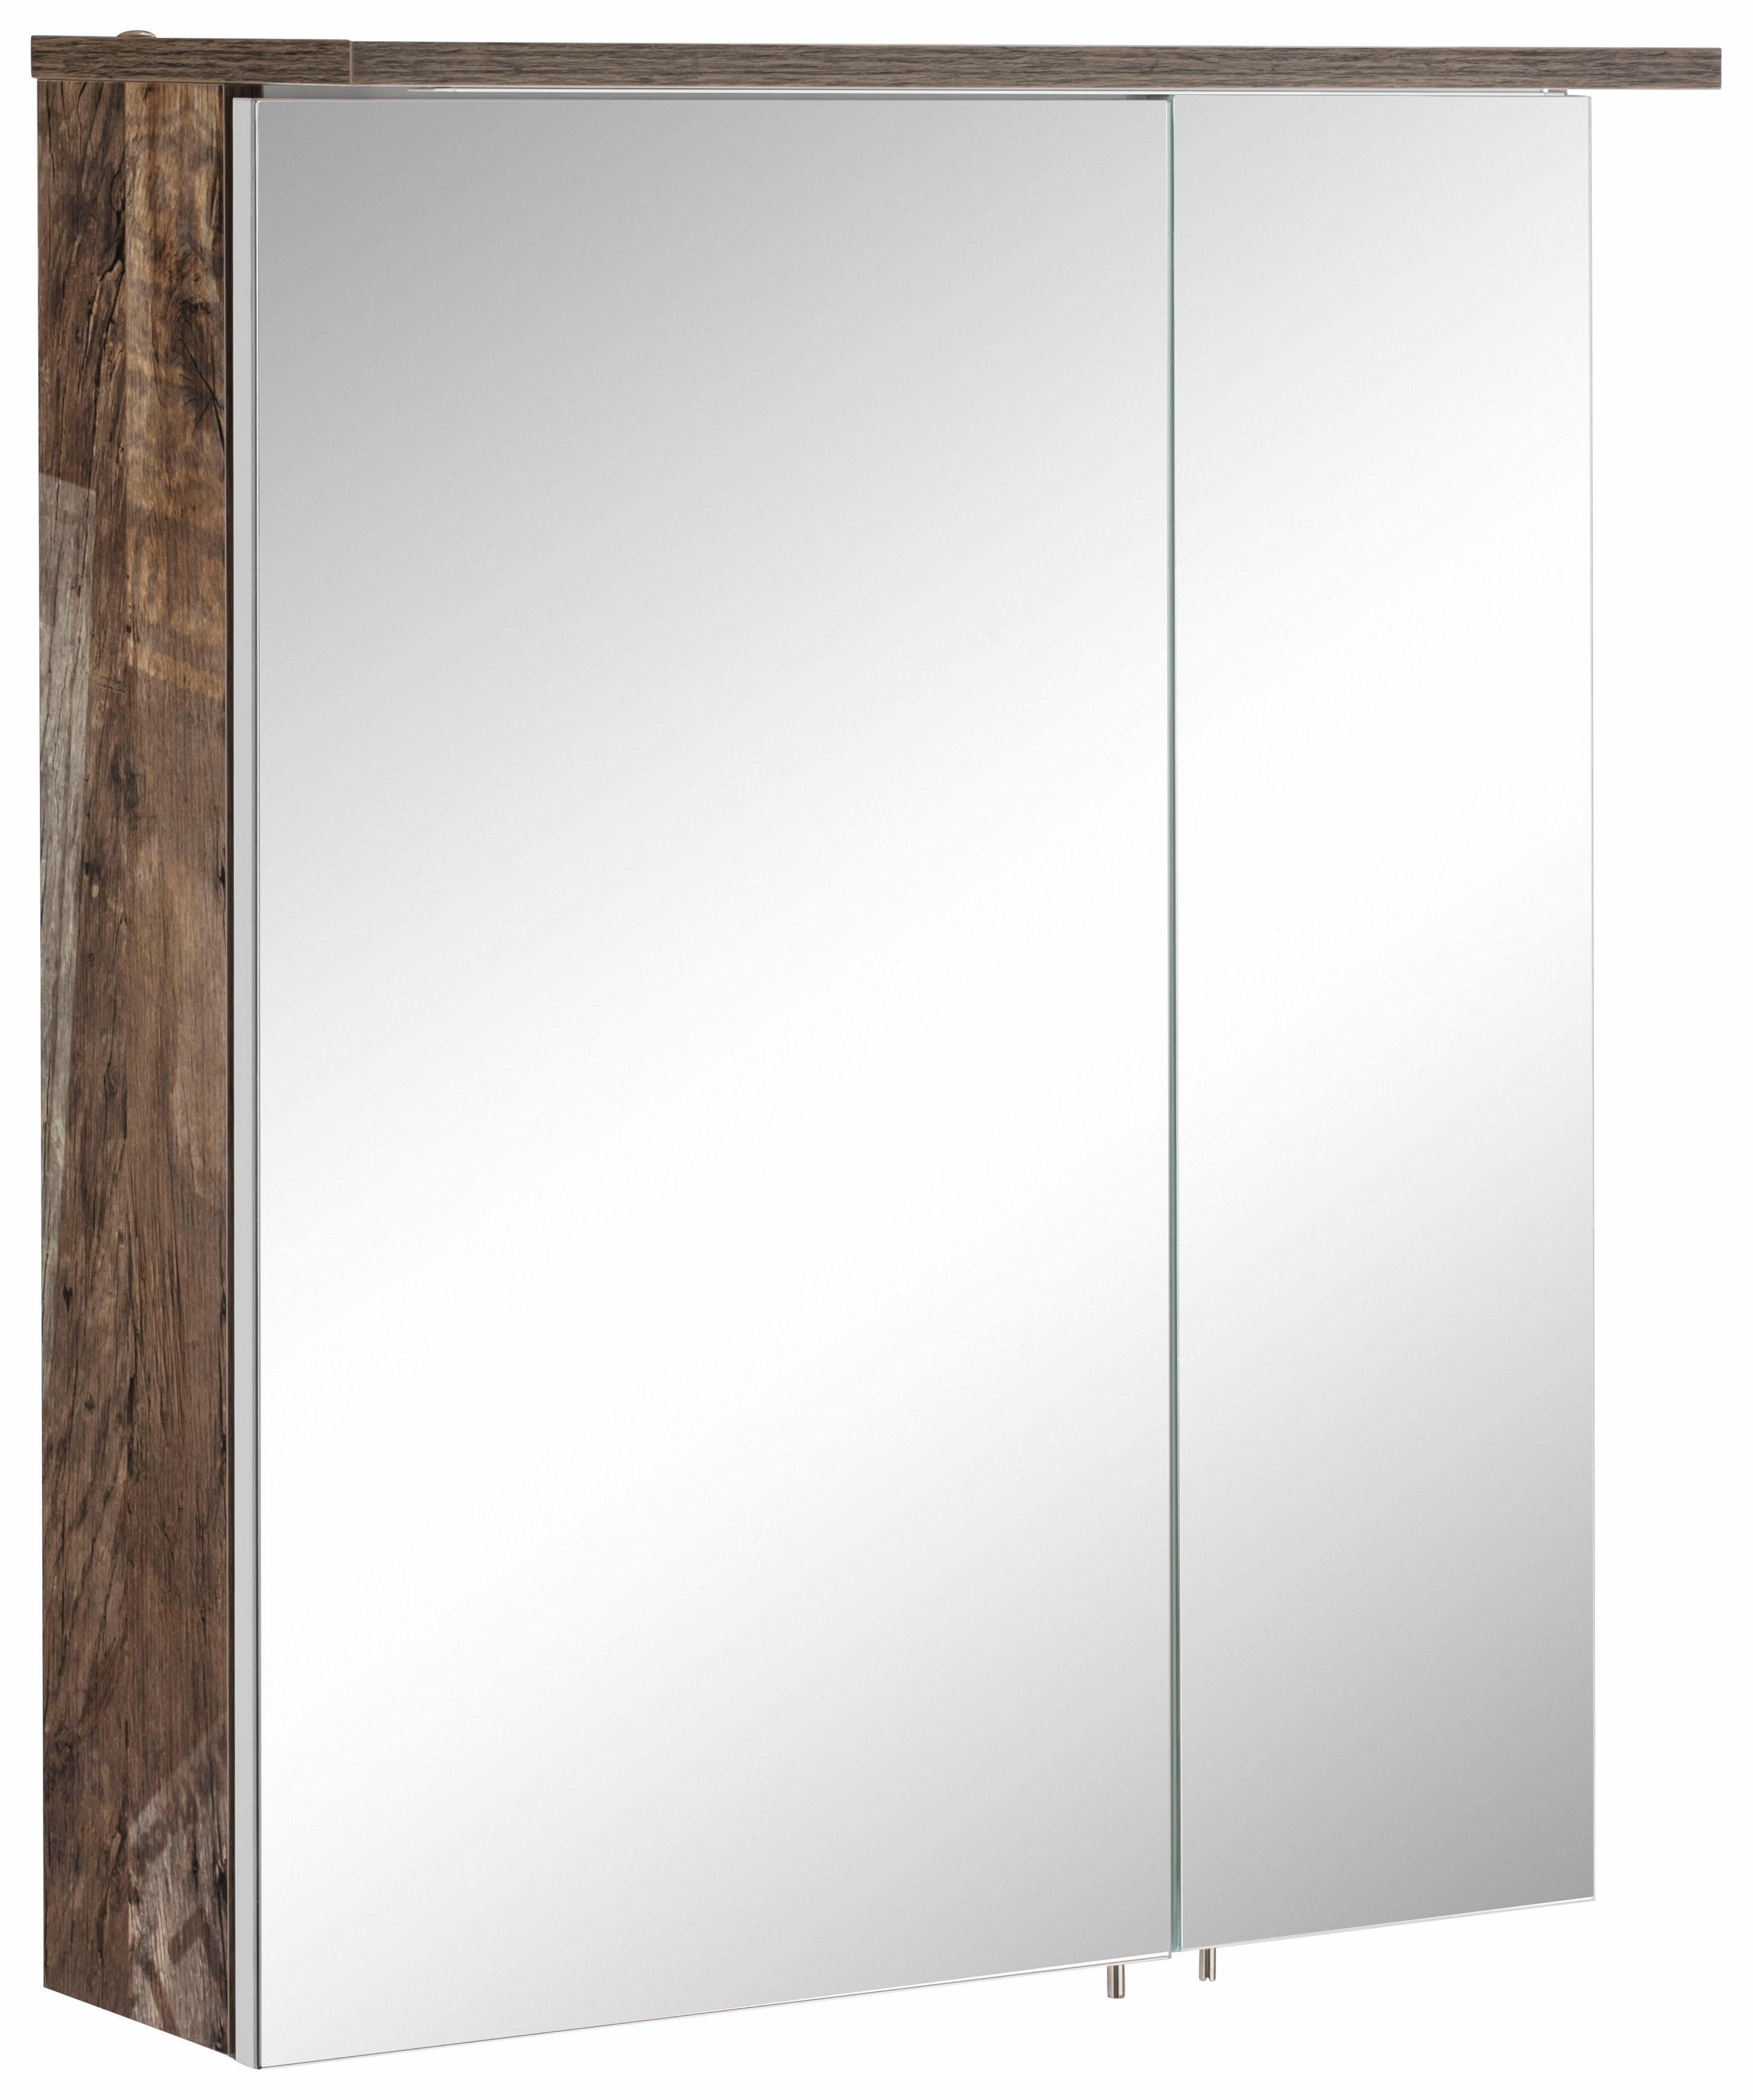 schildmeyer spiegelkast sps 7001 spot schildmeyer spiegelkast jolly schildmeyer spiegelkast emmi welltime spiegelkast justas